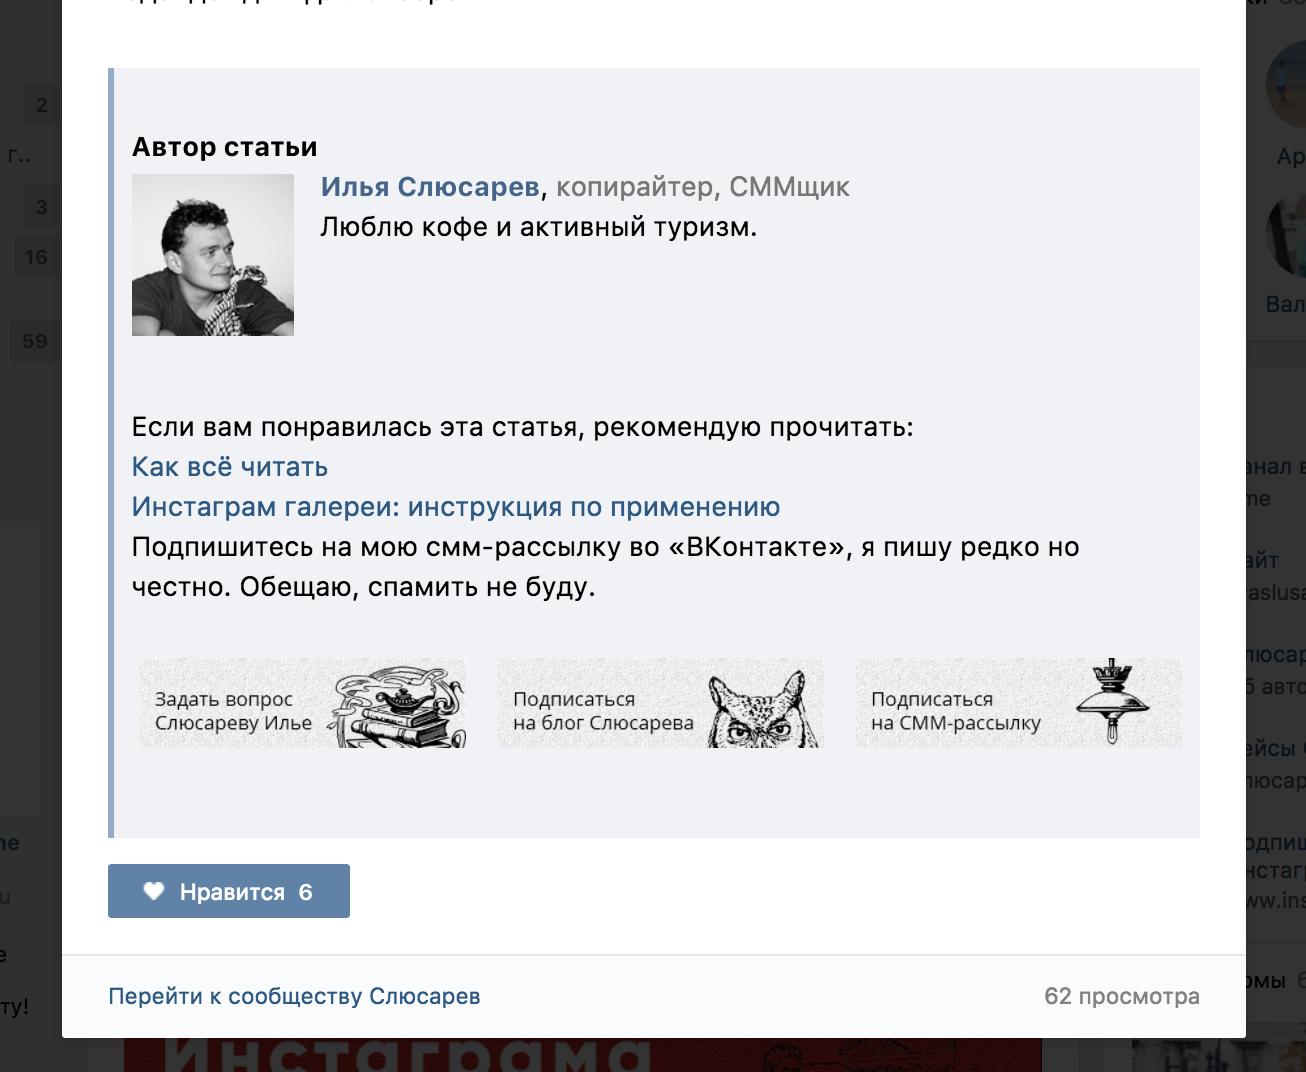 poluchit-podpischikov-s-pomoshchyu-kontent-marketinga